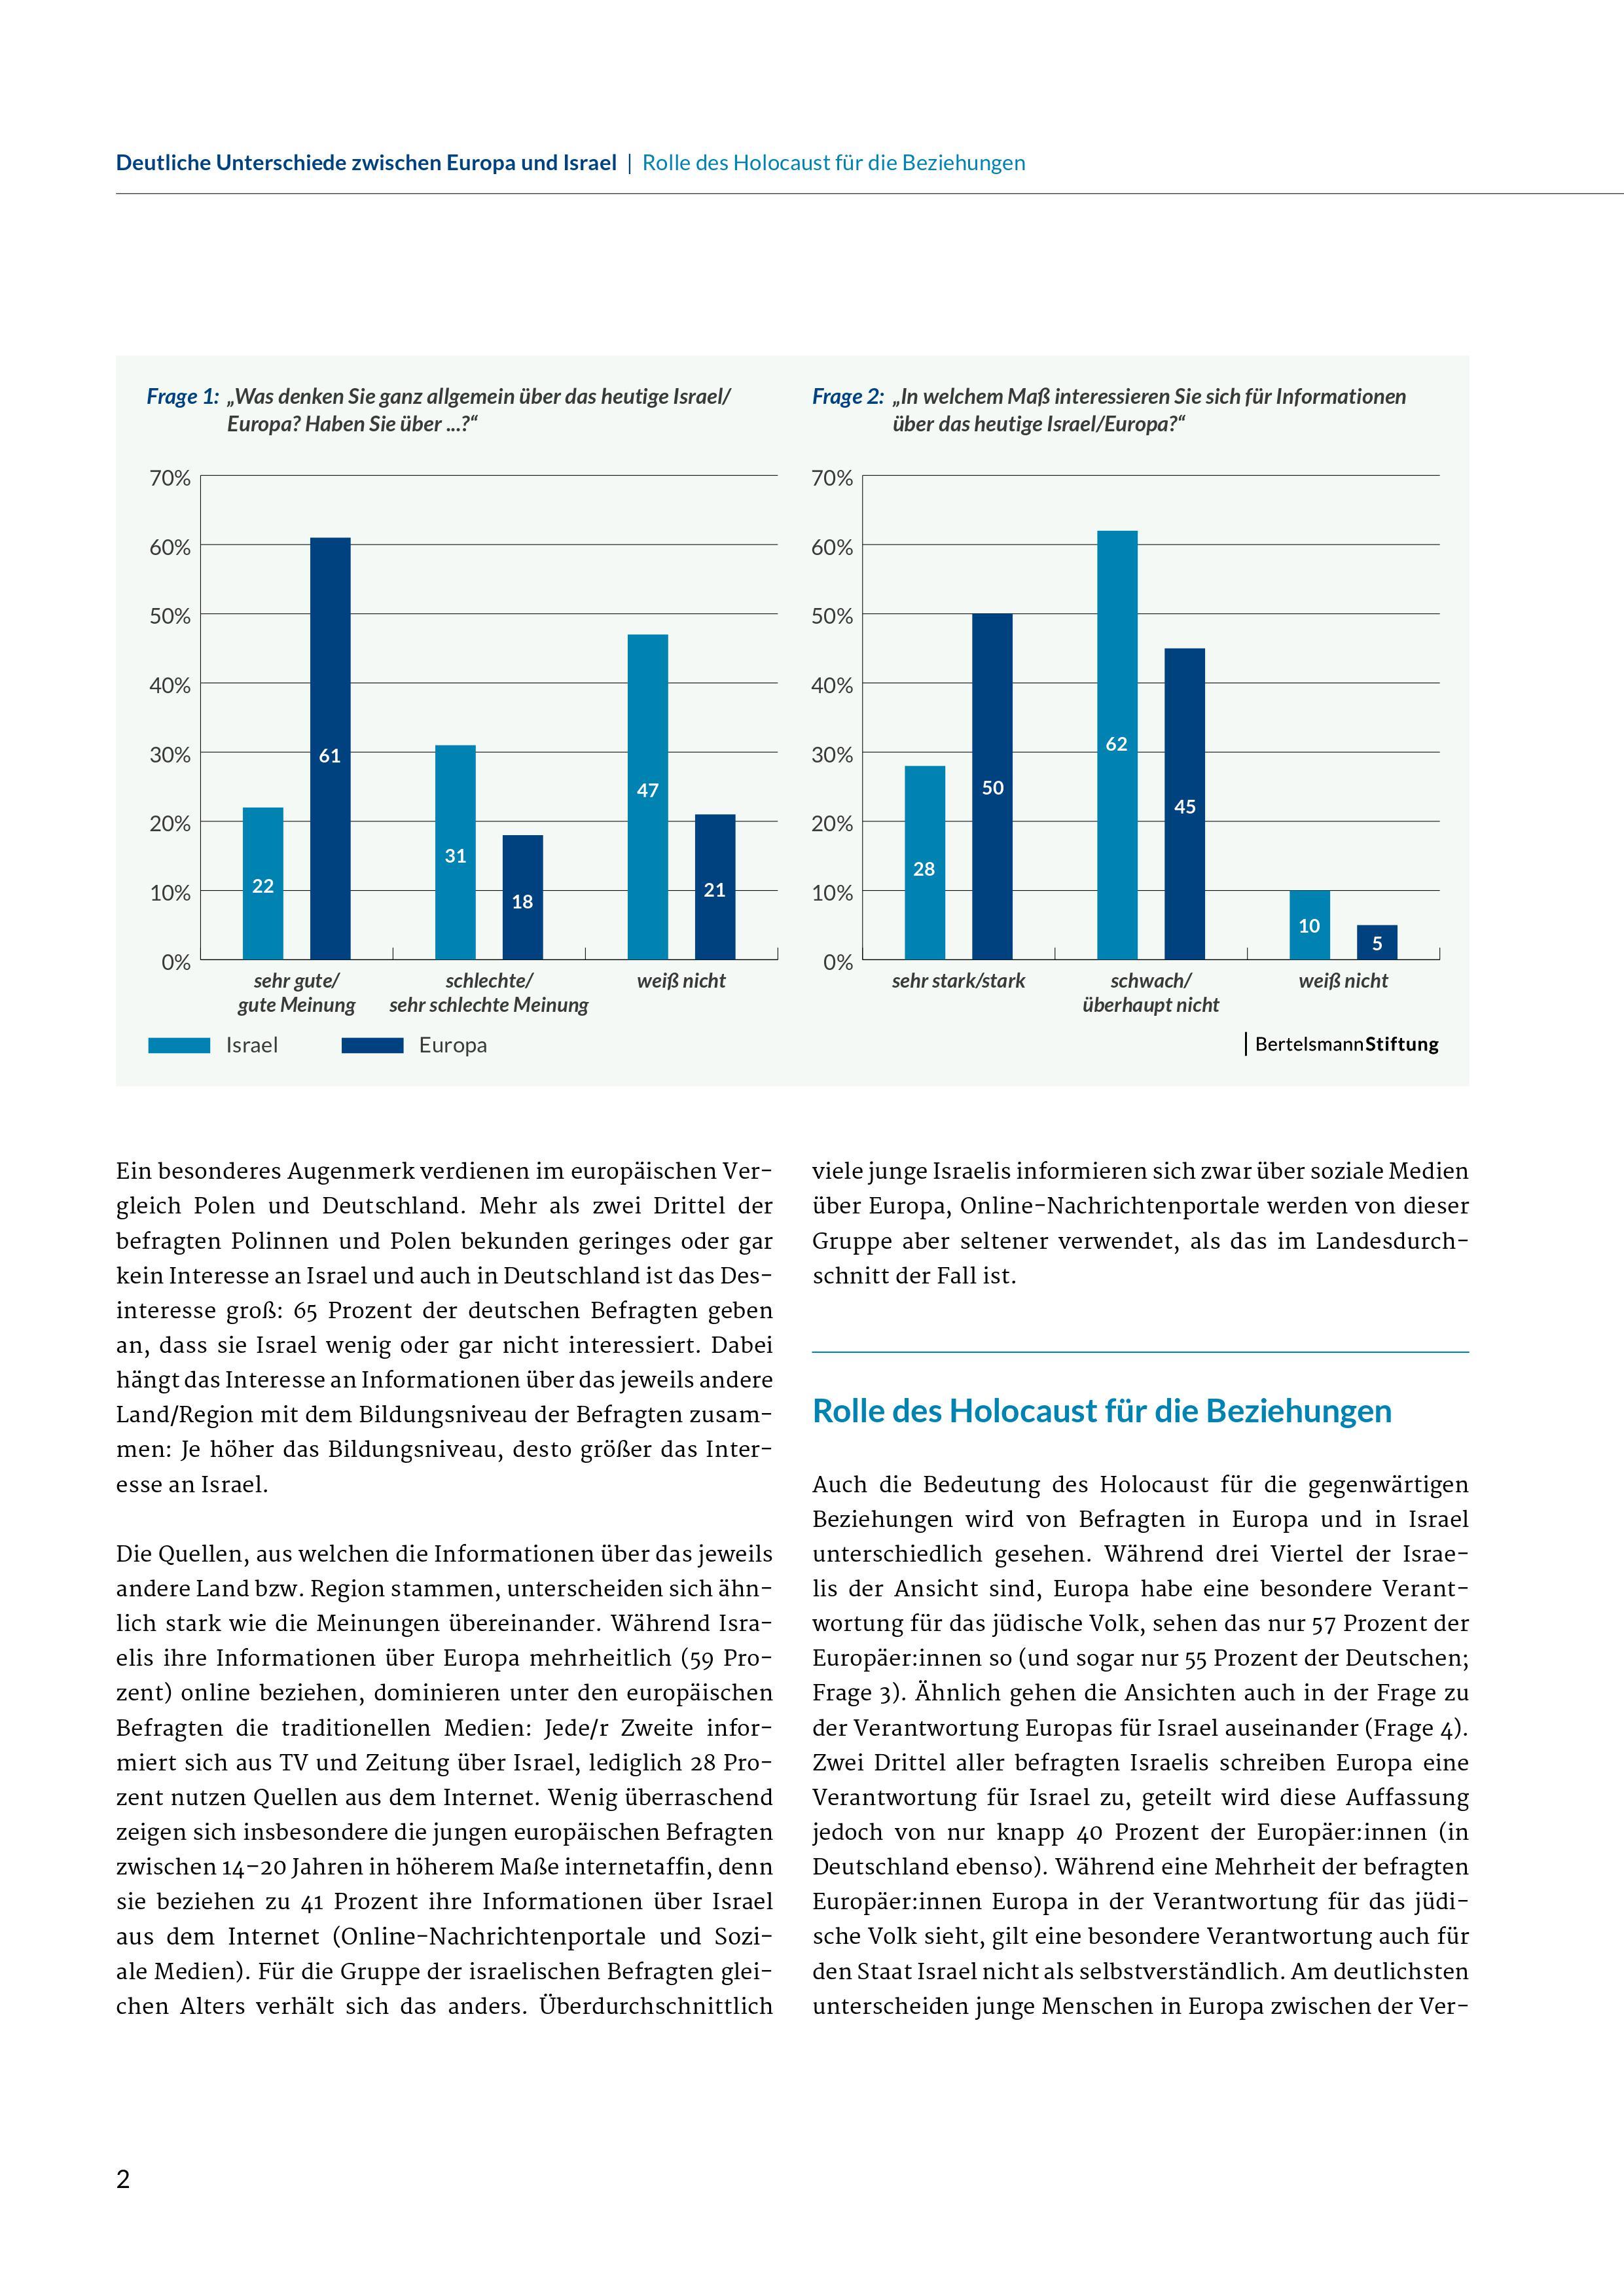 BetelsmannStudie_IsraelEuropa0002.jpg